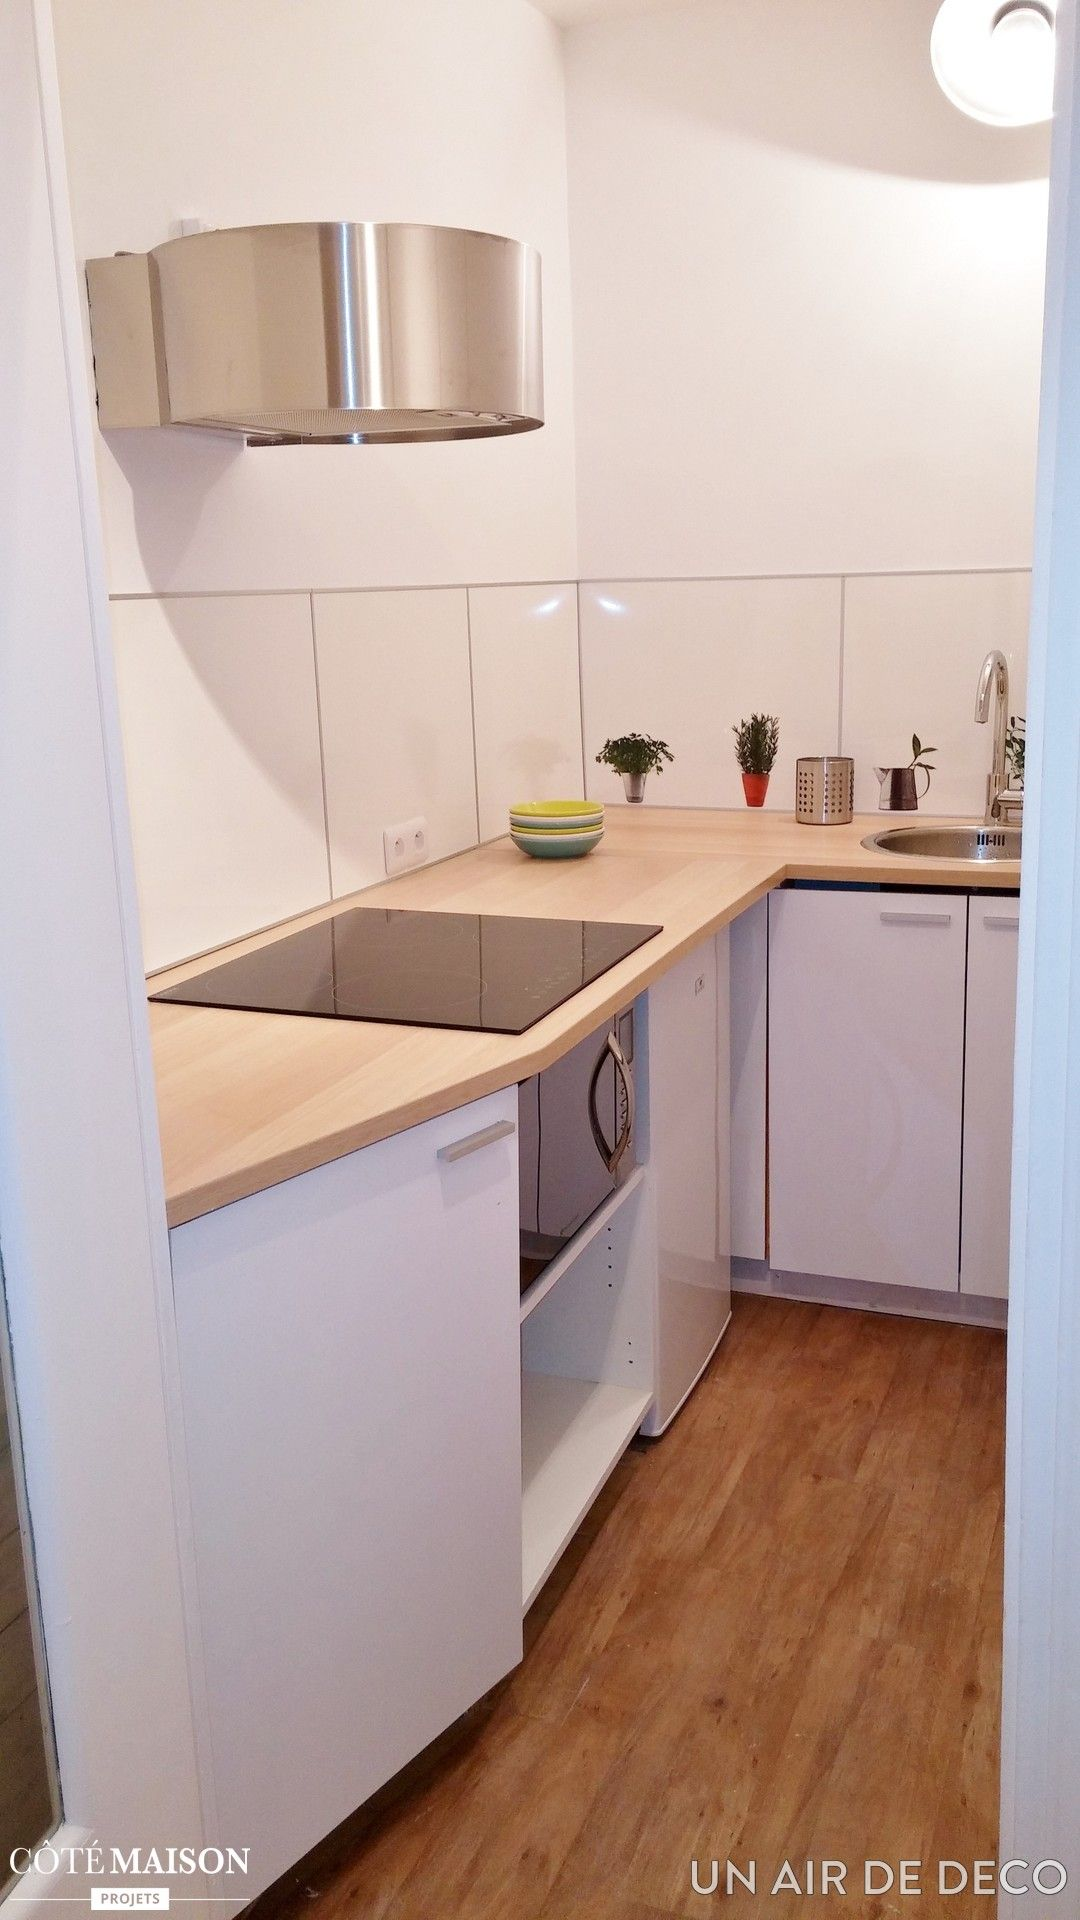 une cuisine fonctionnelle blanche avec plan de travail en bois